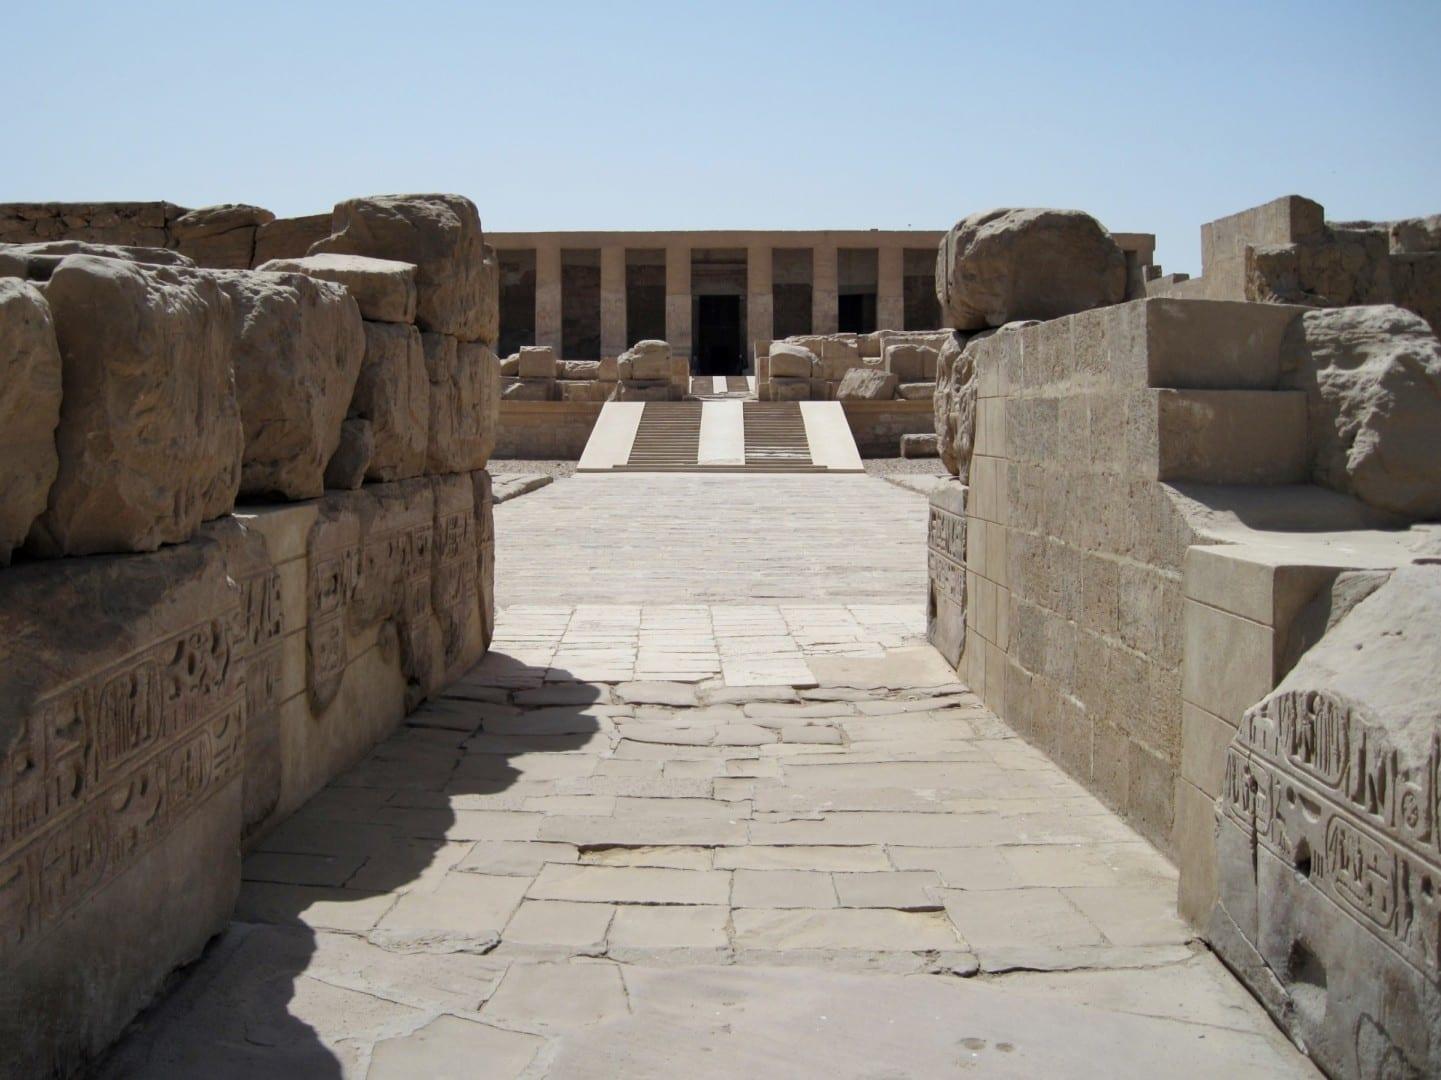 La entrada del templo Abydos Egipto